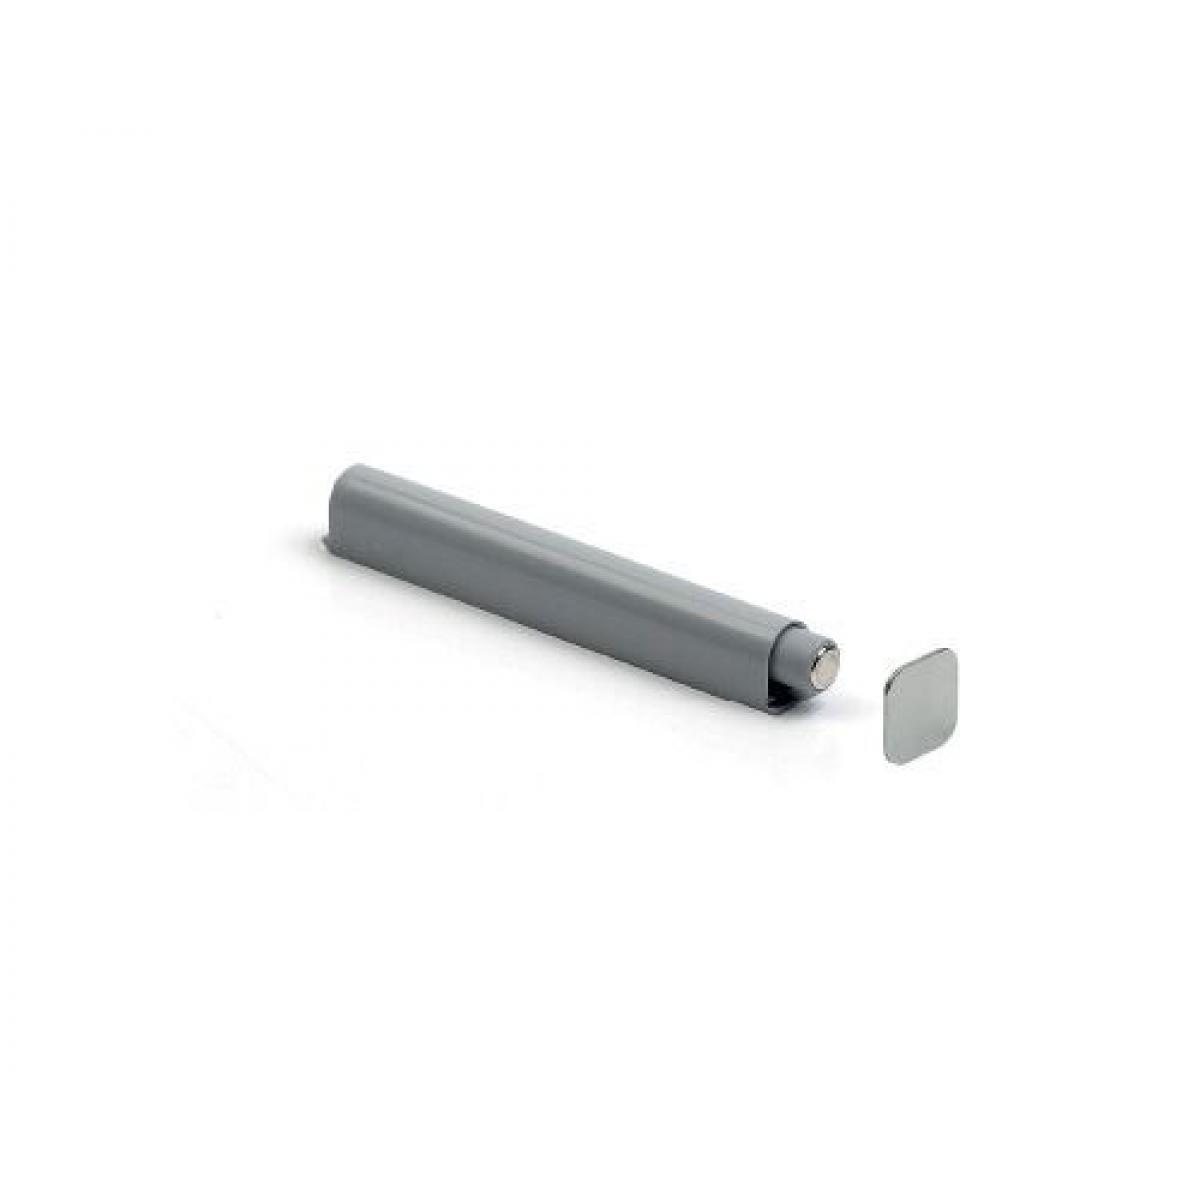 Механизм Impuls накладной 40мм цвет белый магнит на липучке